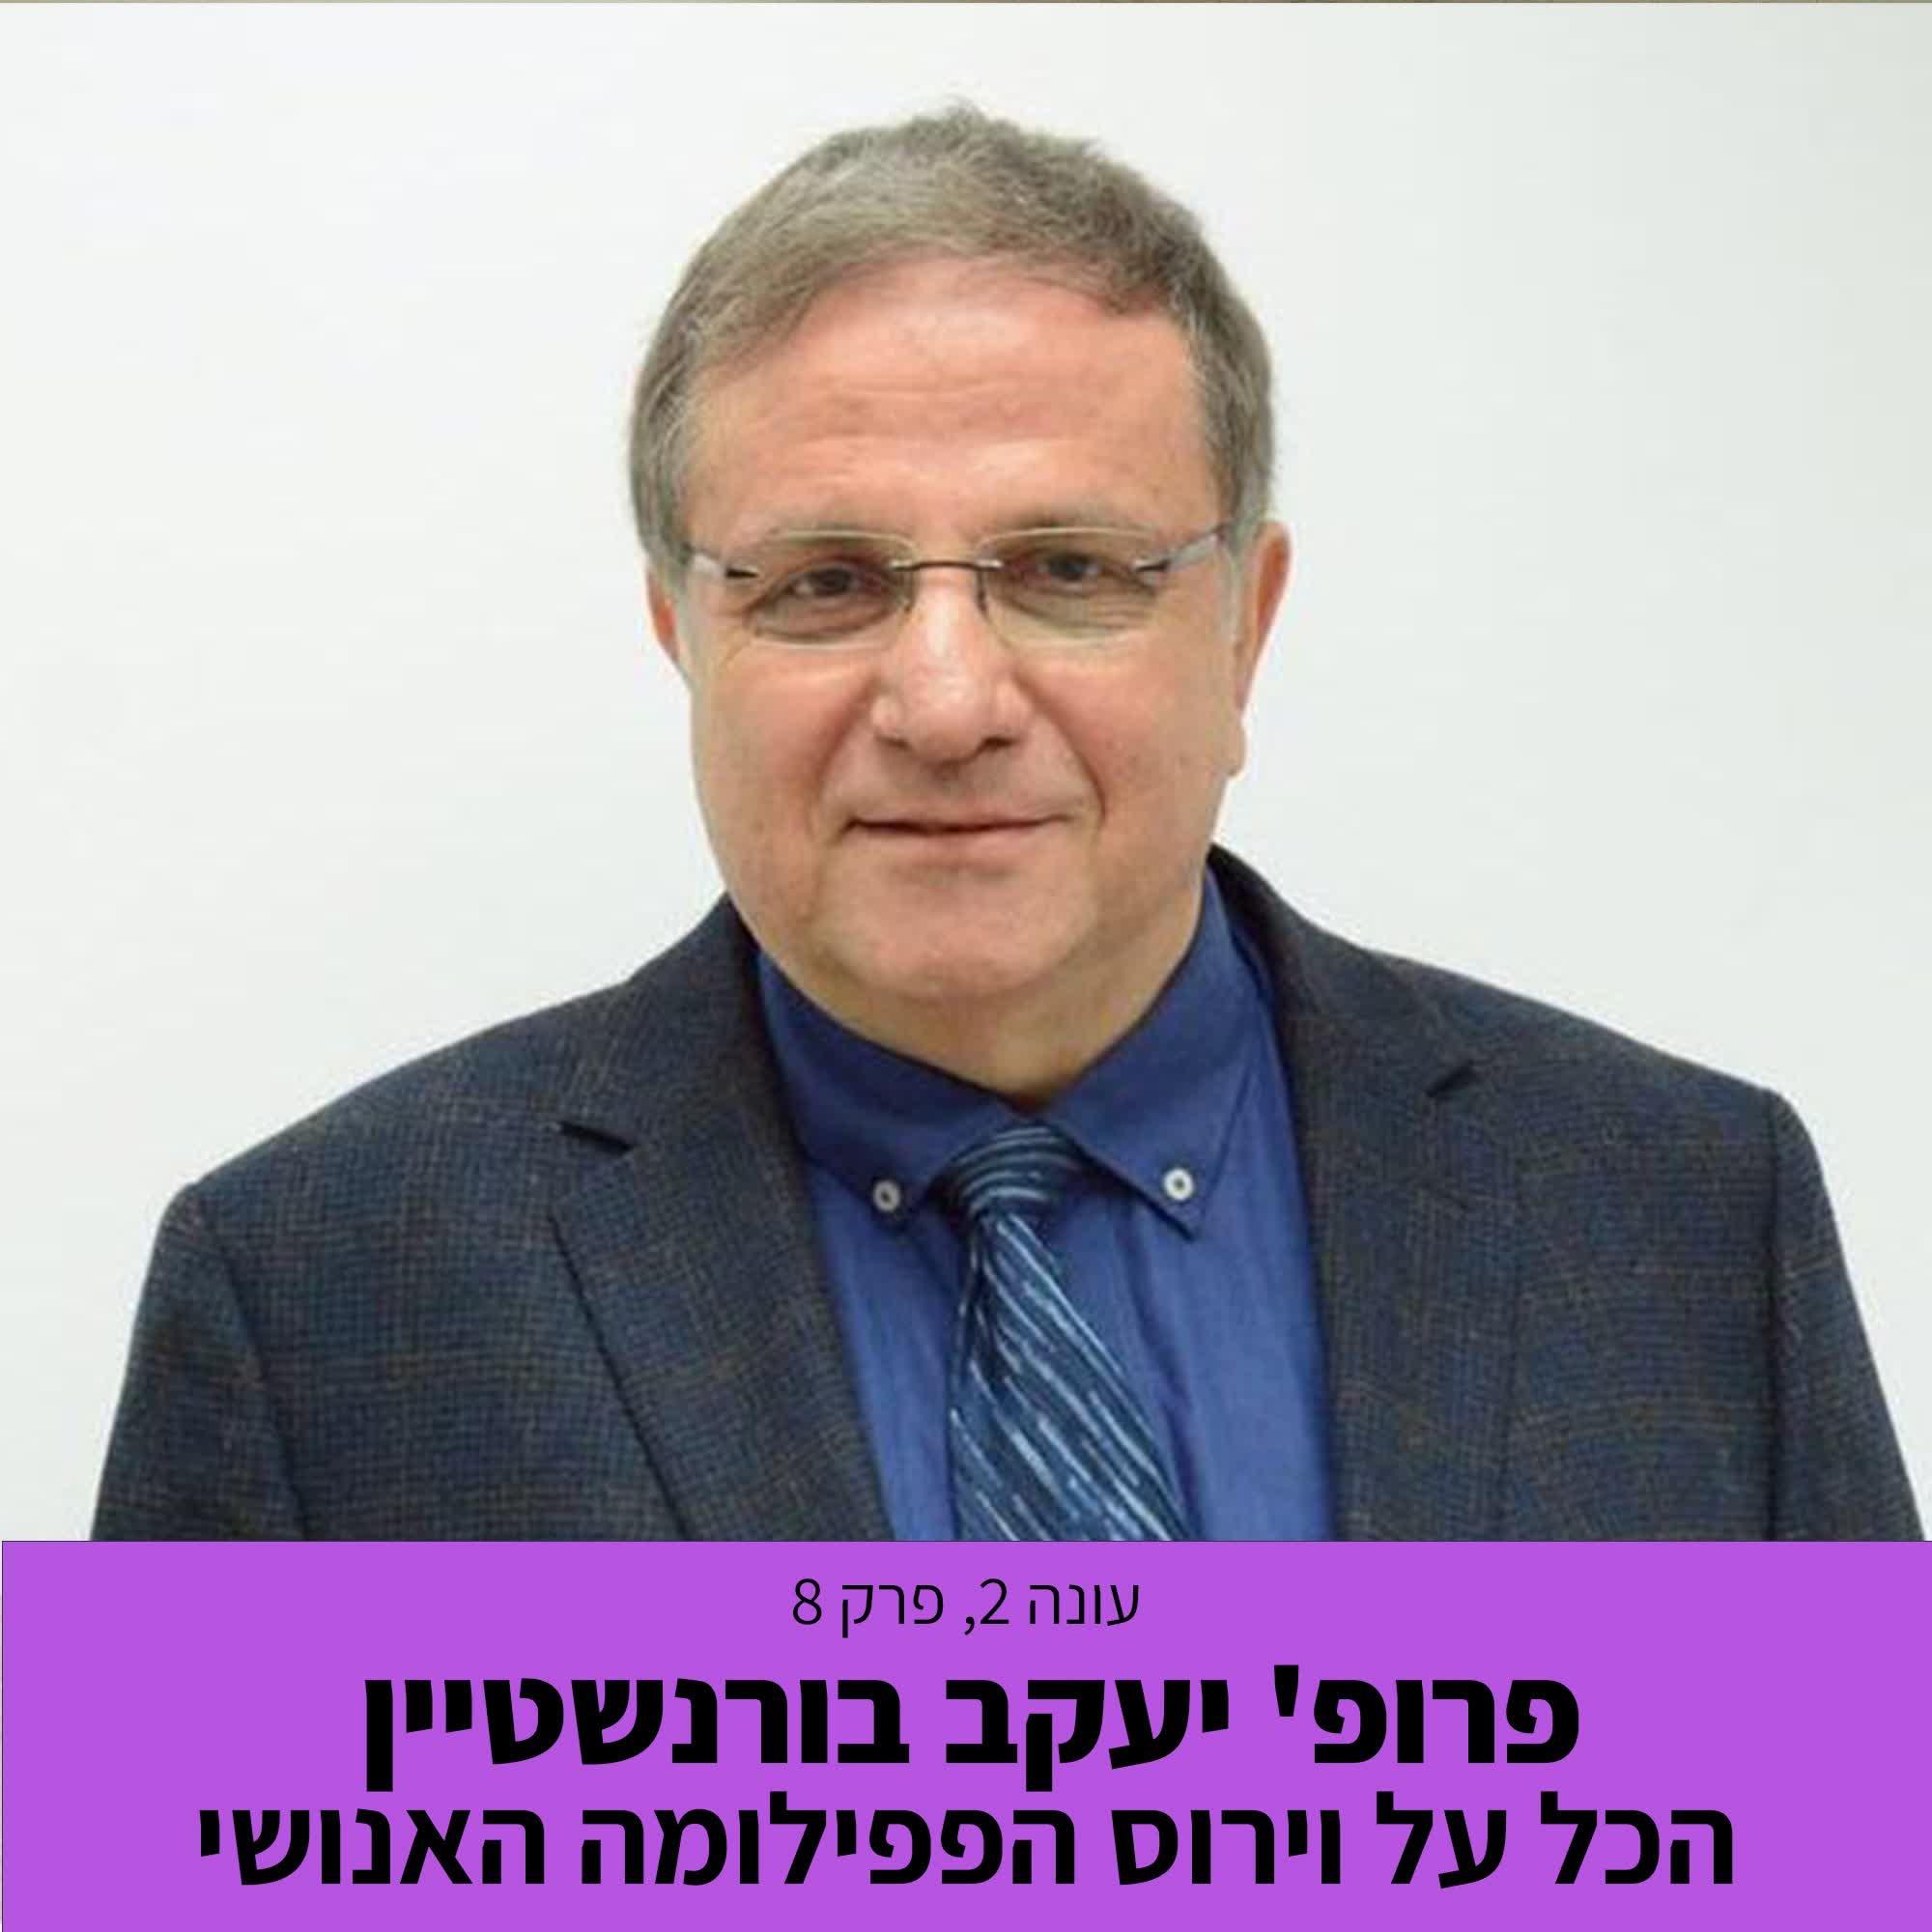 הכל על וירוס הפפילומה | עונה 2, פרק 8 עם פרופ' יעקב בורנשטיין (חלק ב)'